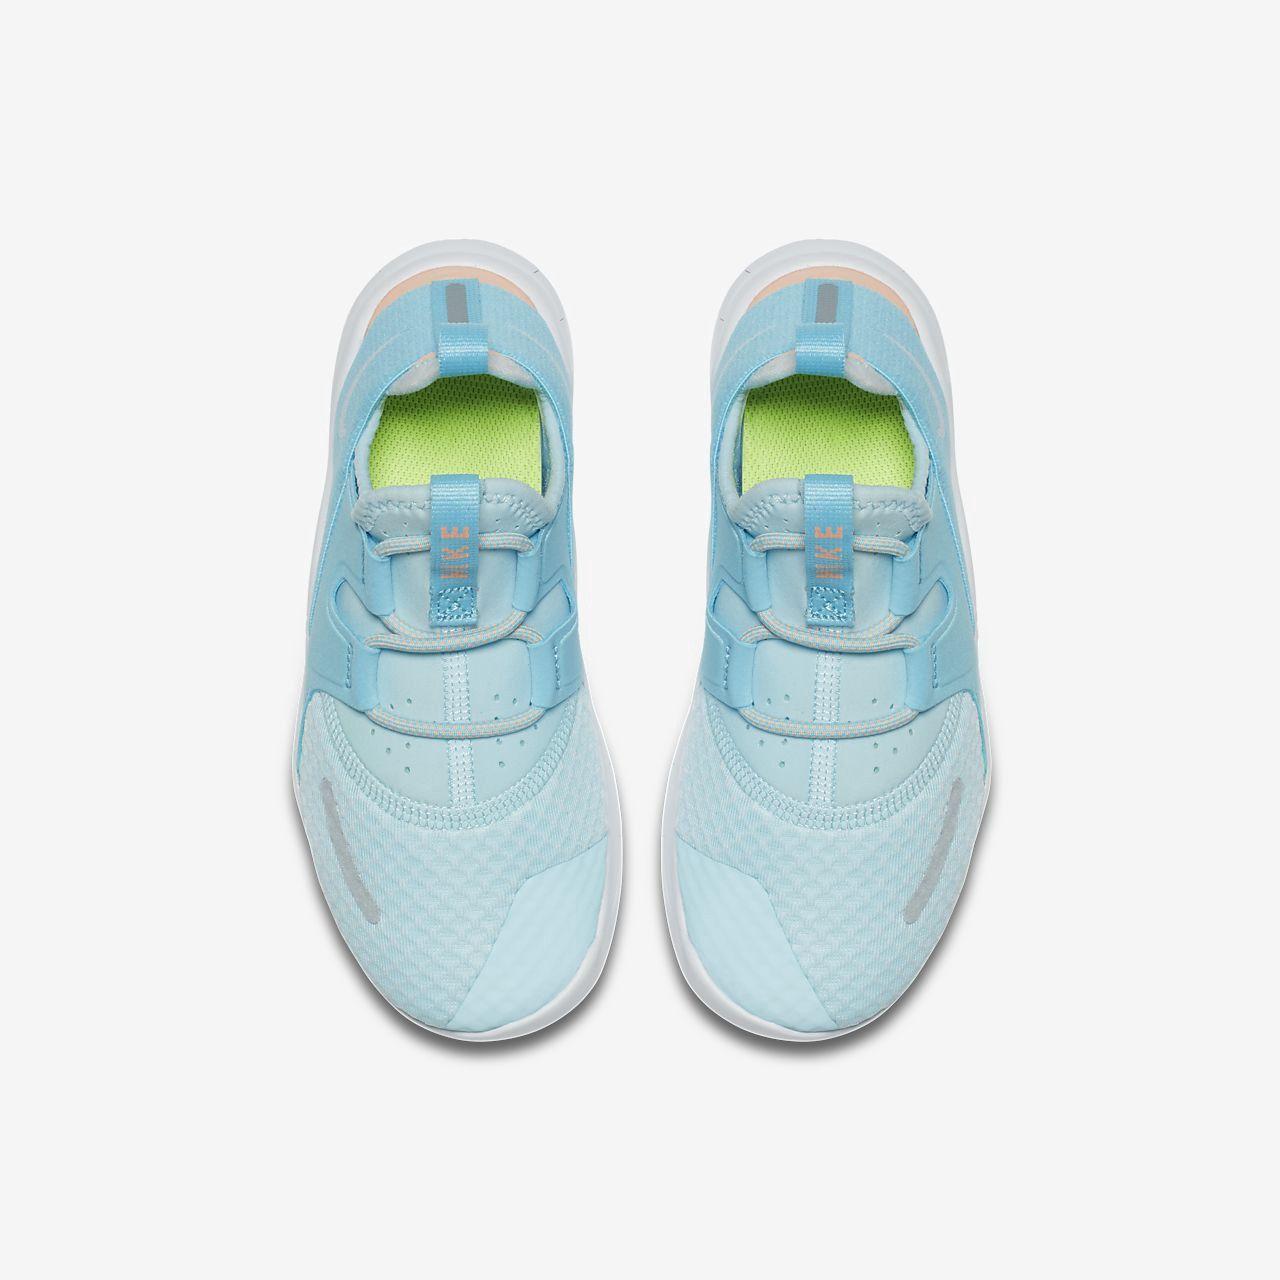 e0cf745801f5 Nike Free Rn Commuter 2018 Little Kids  Shoe - 13.5C